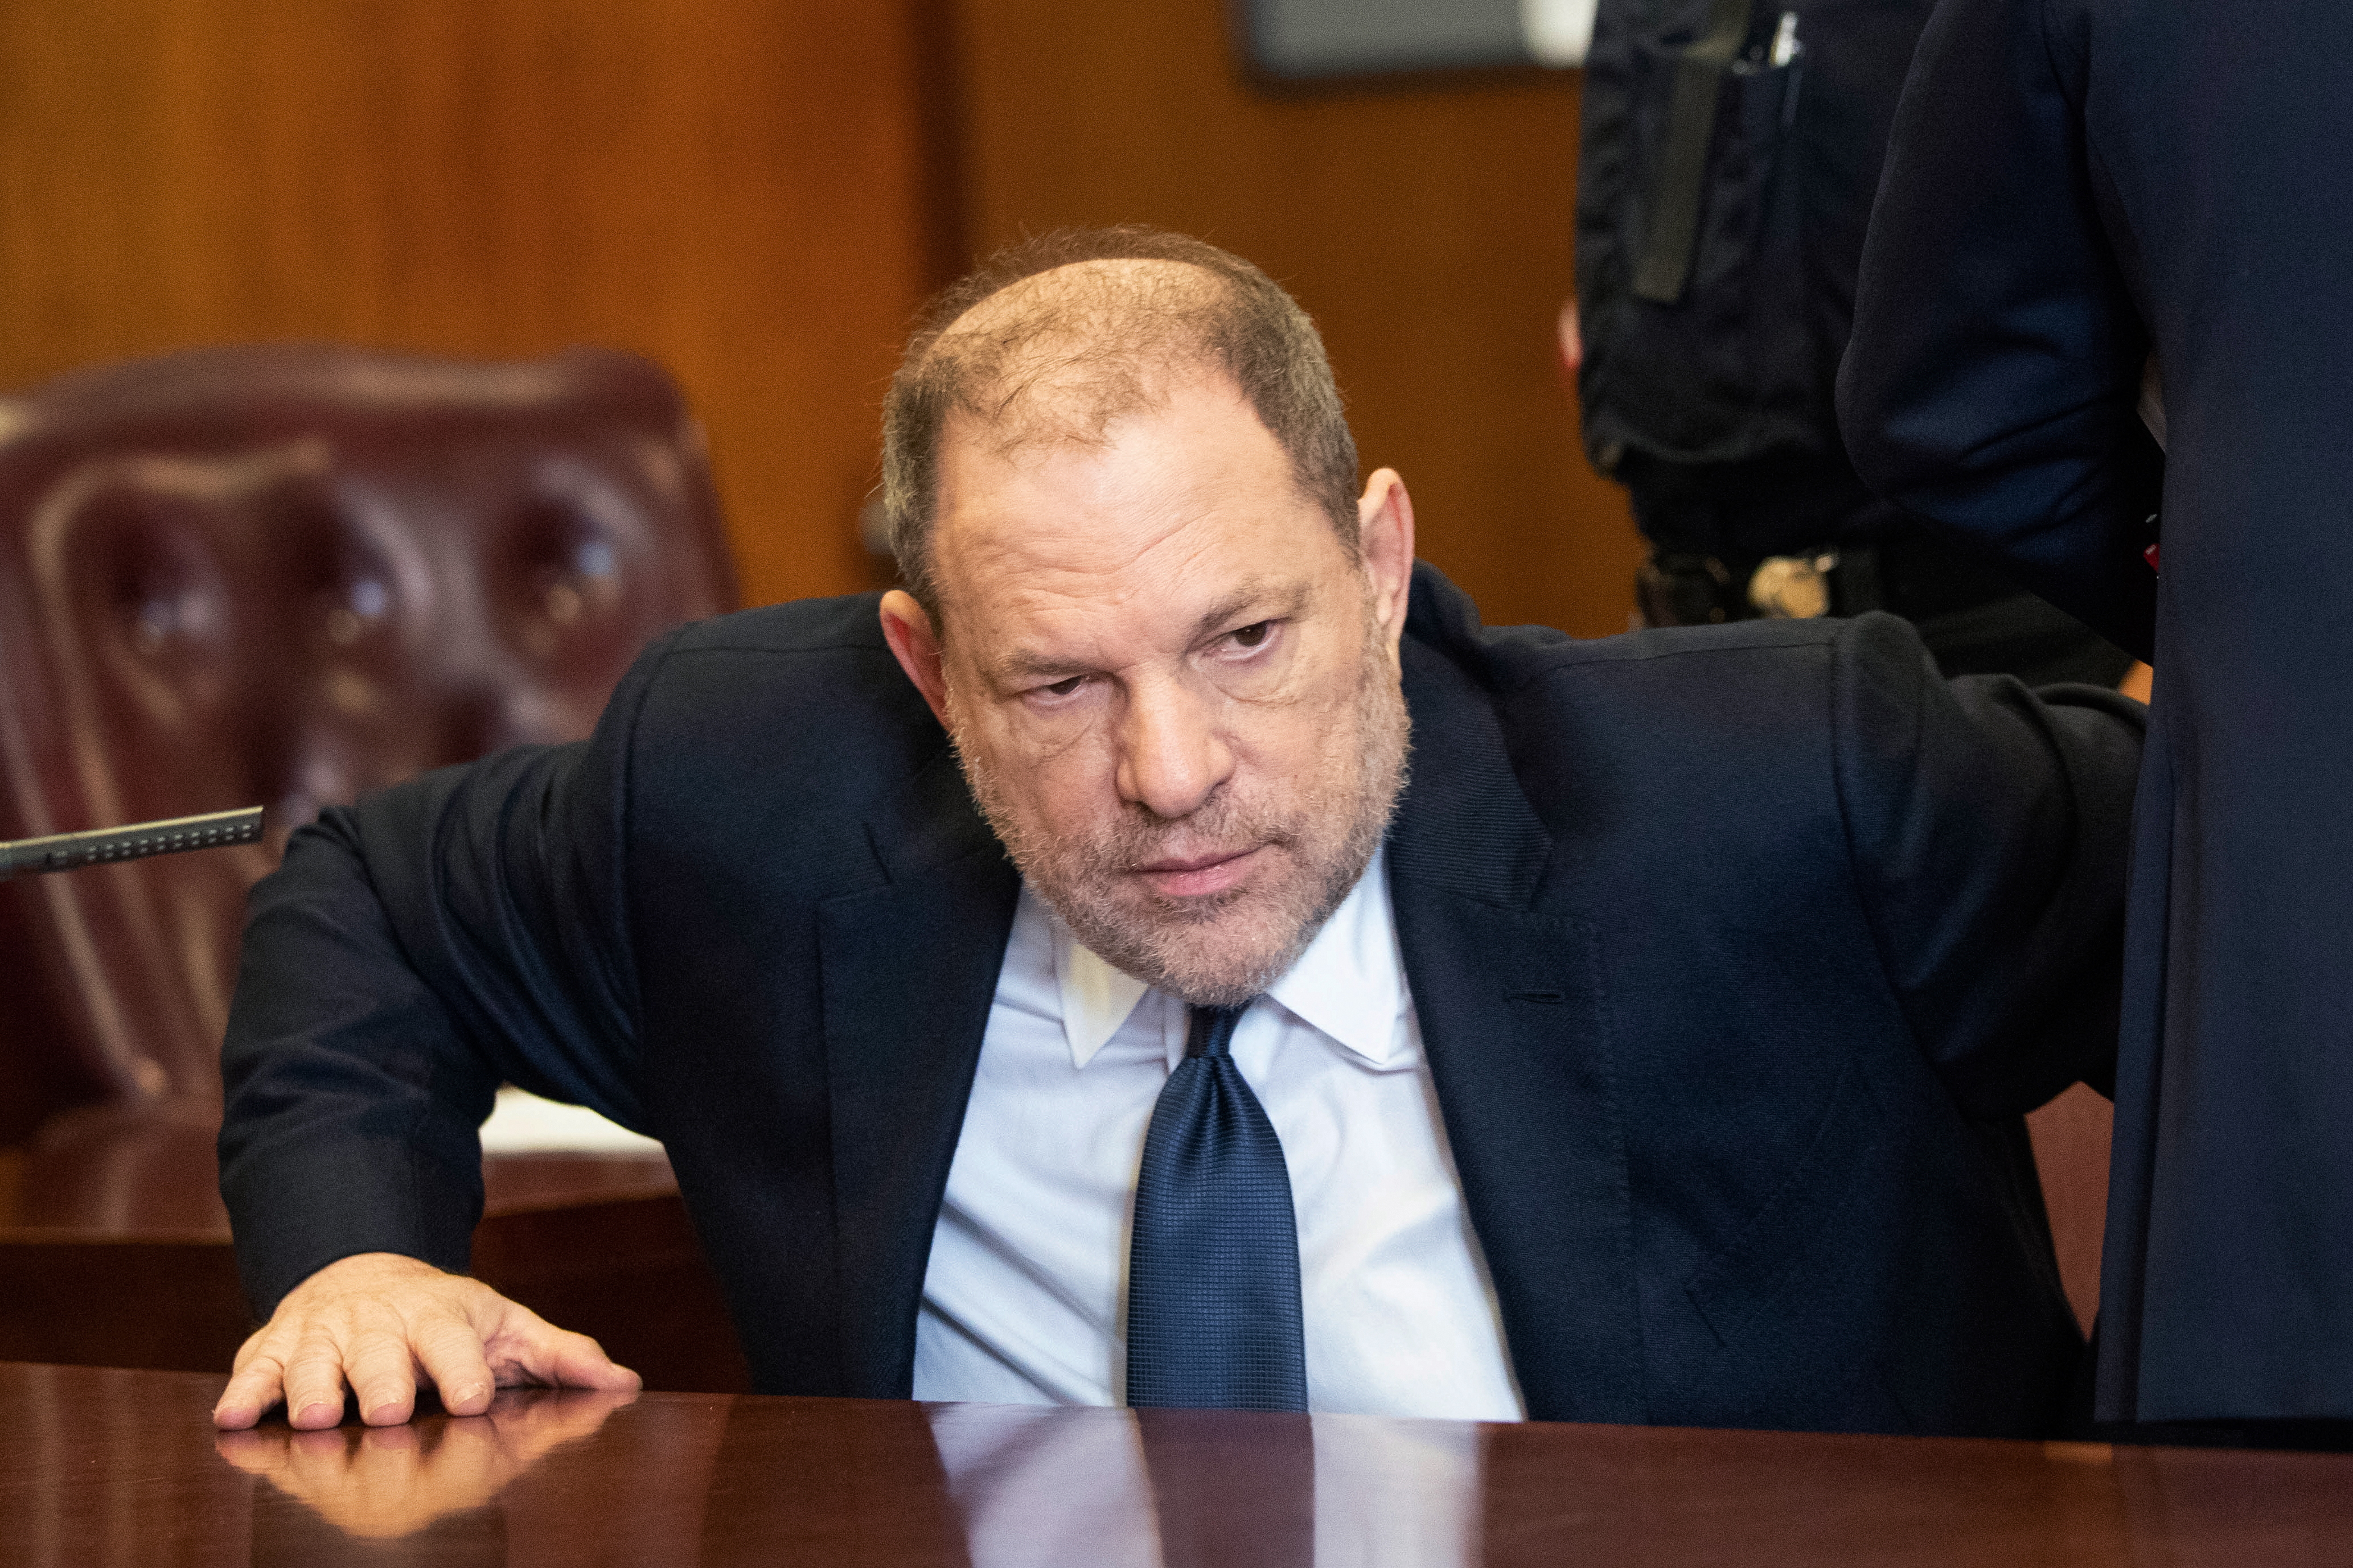 Weinstein 47 millió dolláros megállapodást kötött az őt szexuális zaklatással vádoló nőkkel